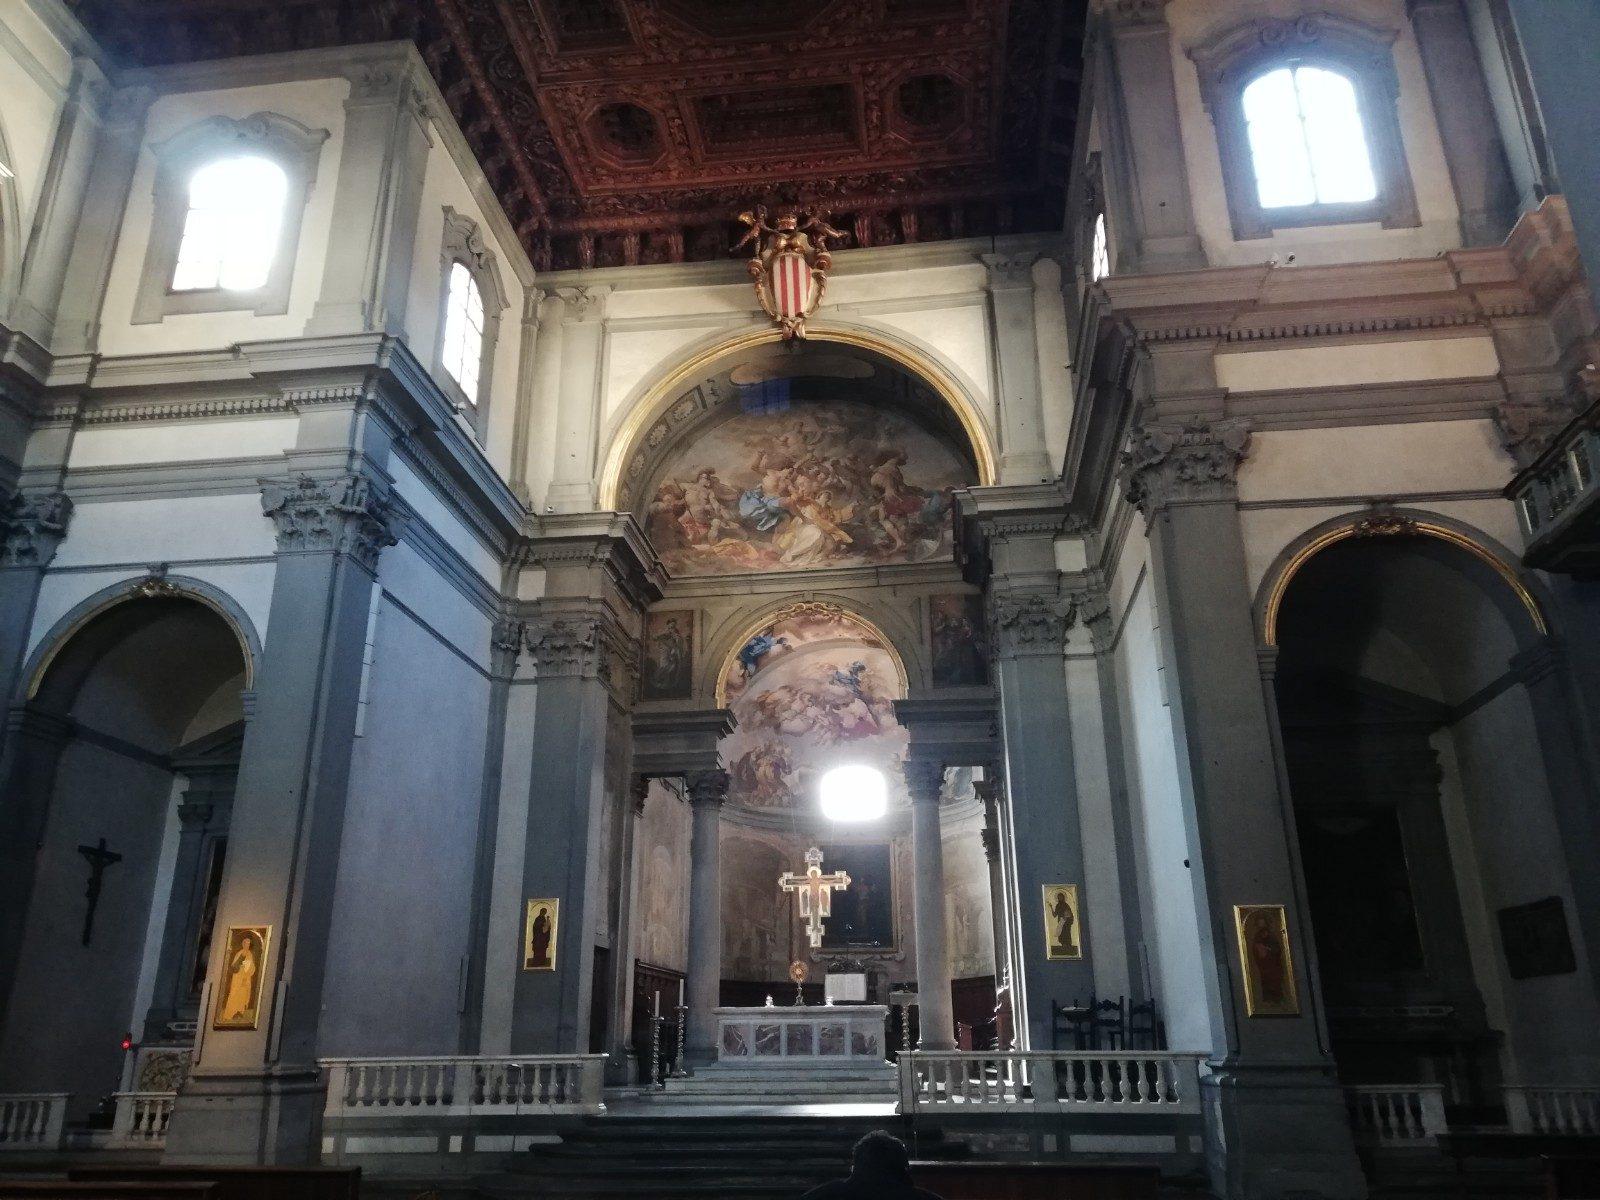 Altare della Badia Fiorentina